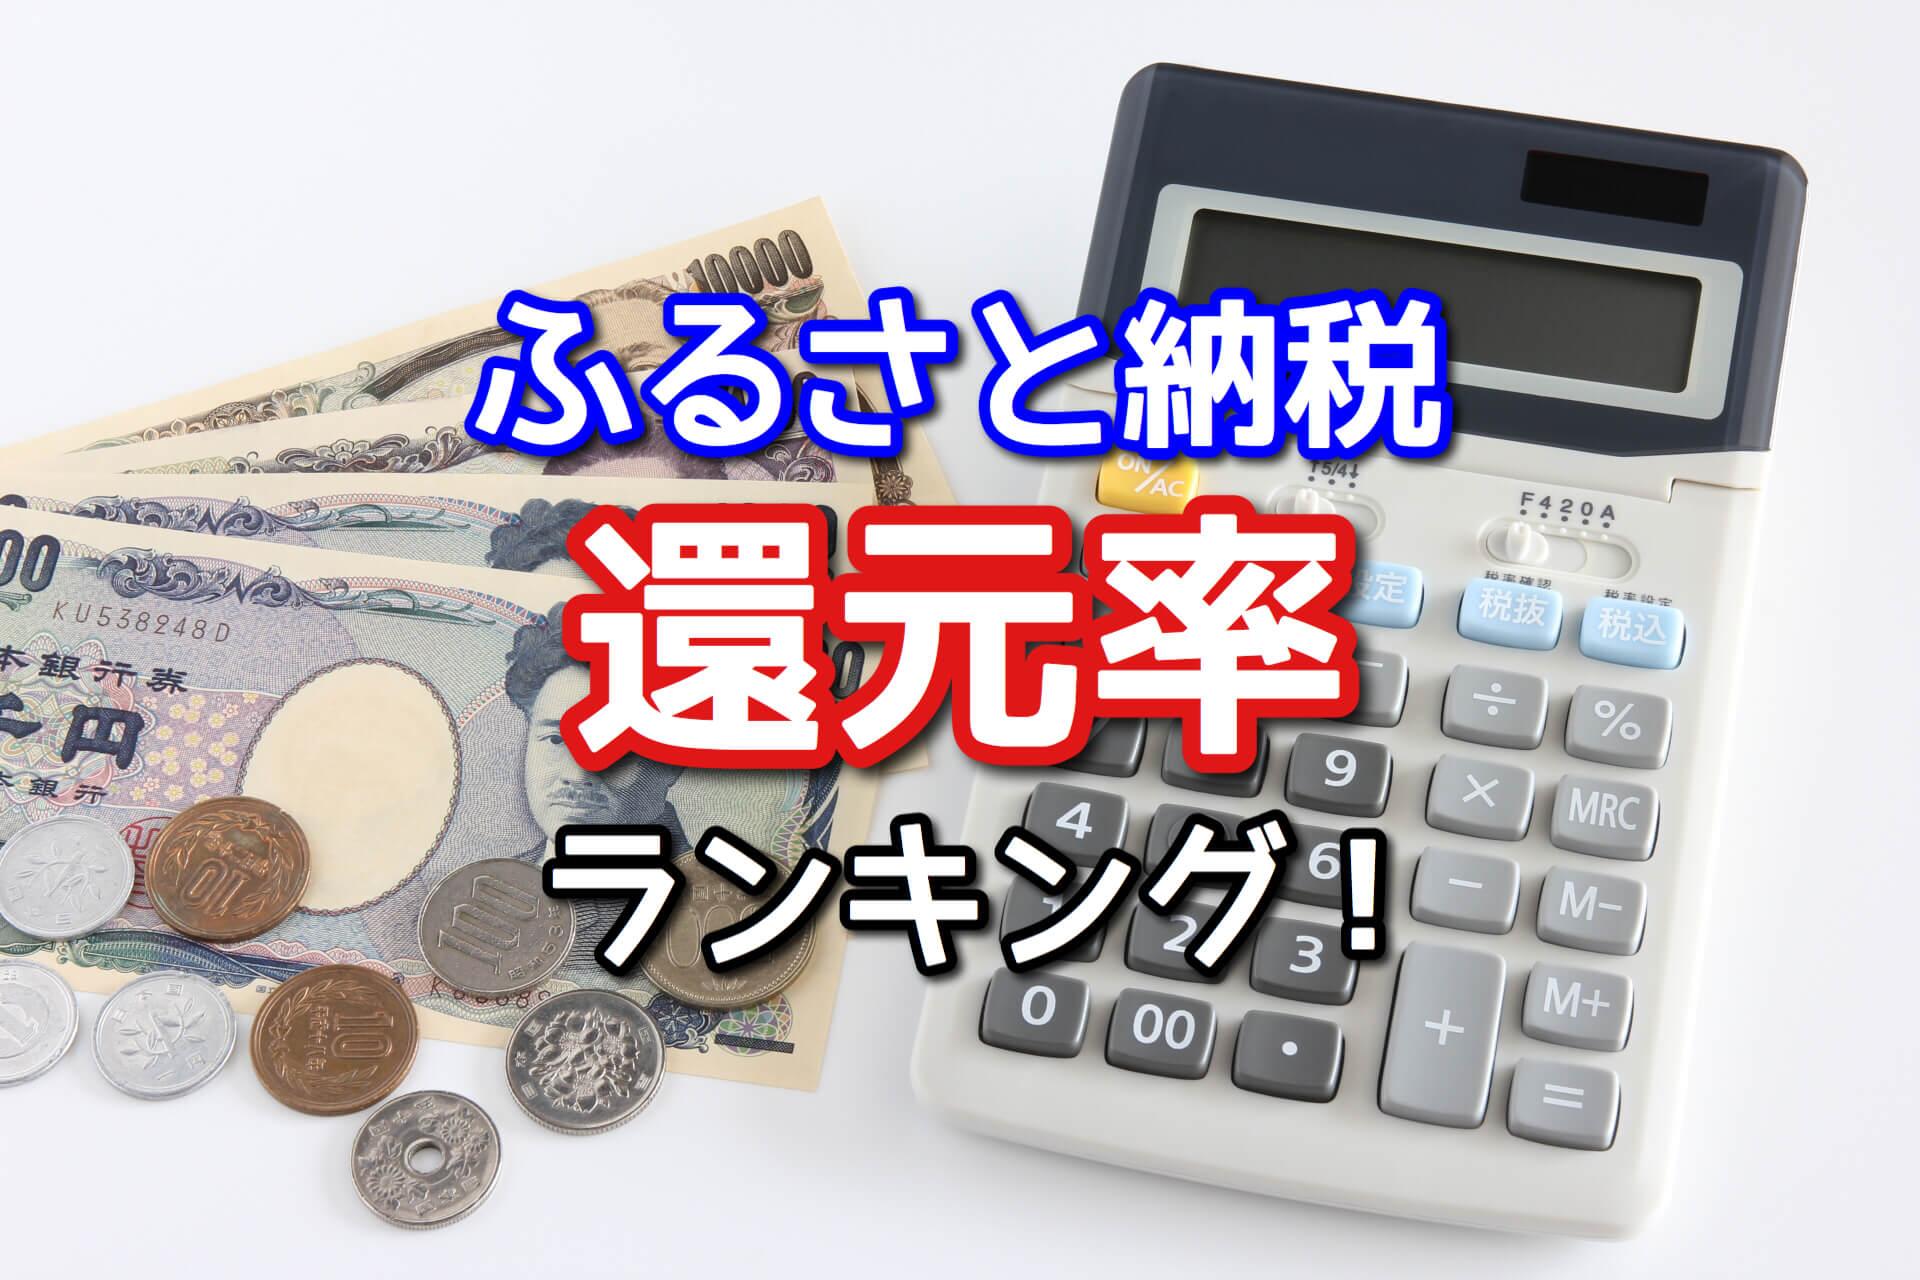 ふるさと納税還元率ランキング2018最新版!ジャンル別TOP3を紹介!